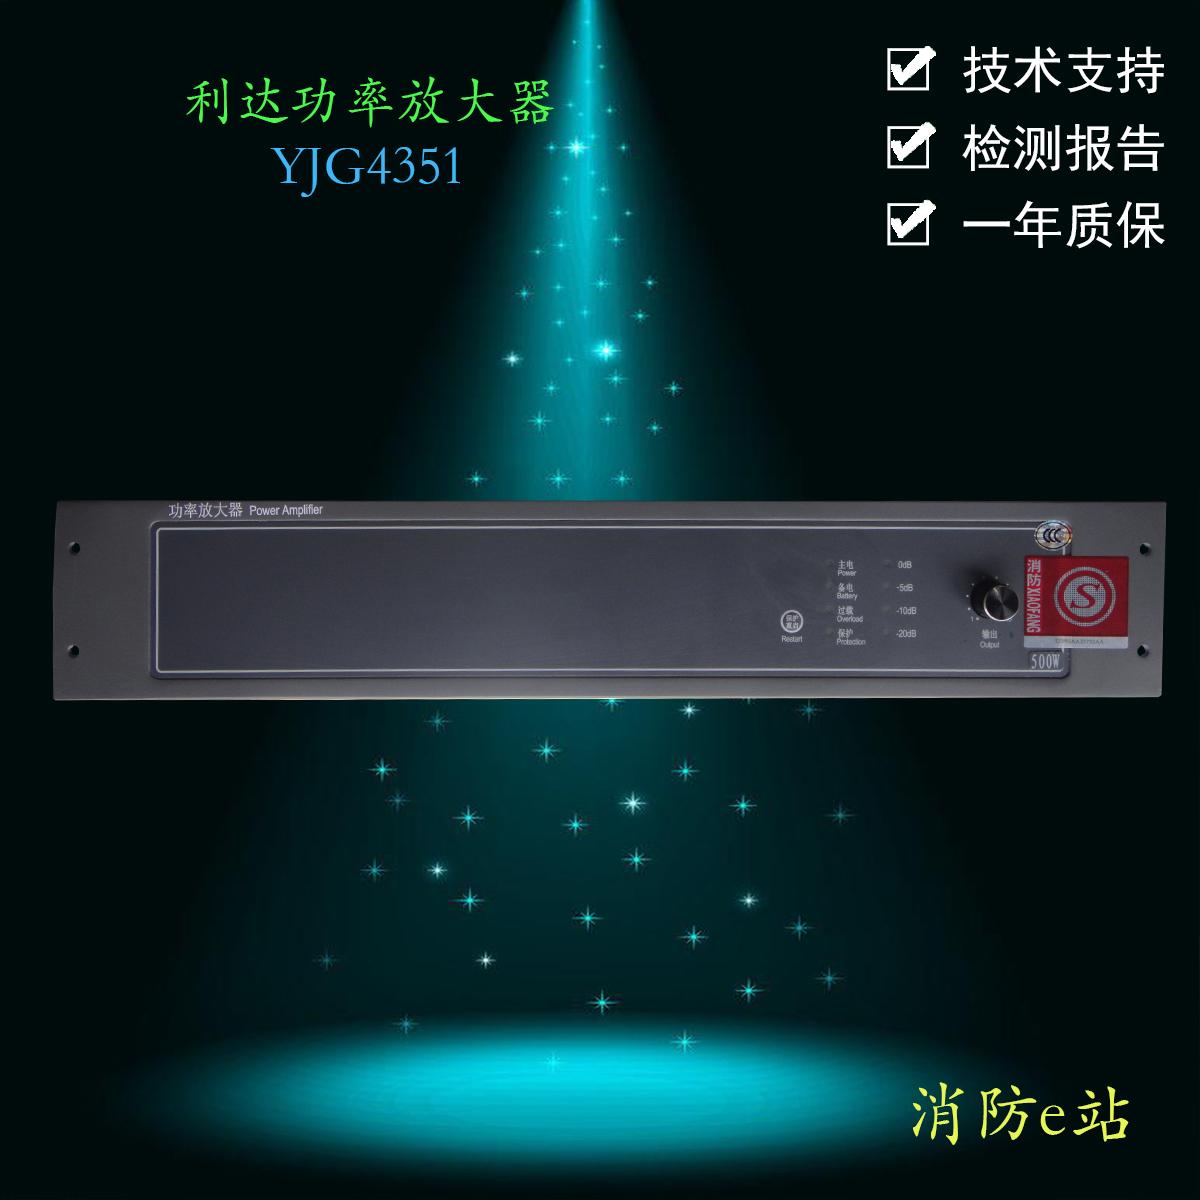 Лидер цветущий письмо пожаротушение широкий трансляция усилитель блюдо YJG4351 500W усилитель поколение для GB4350 лидер усилитель